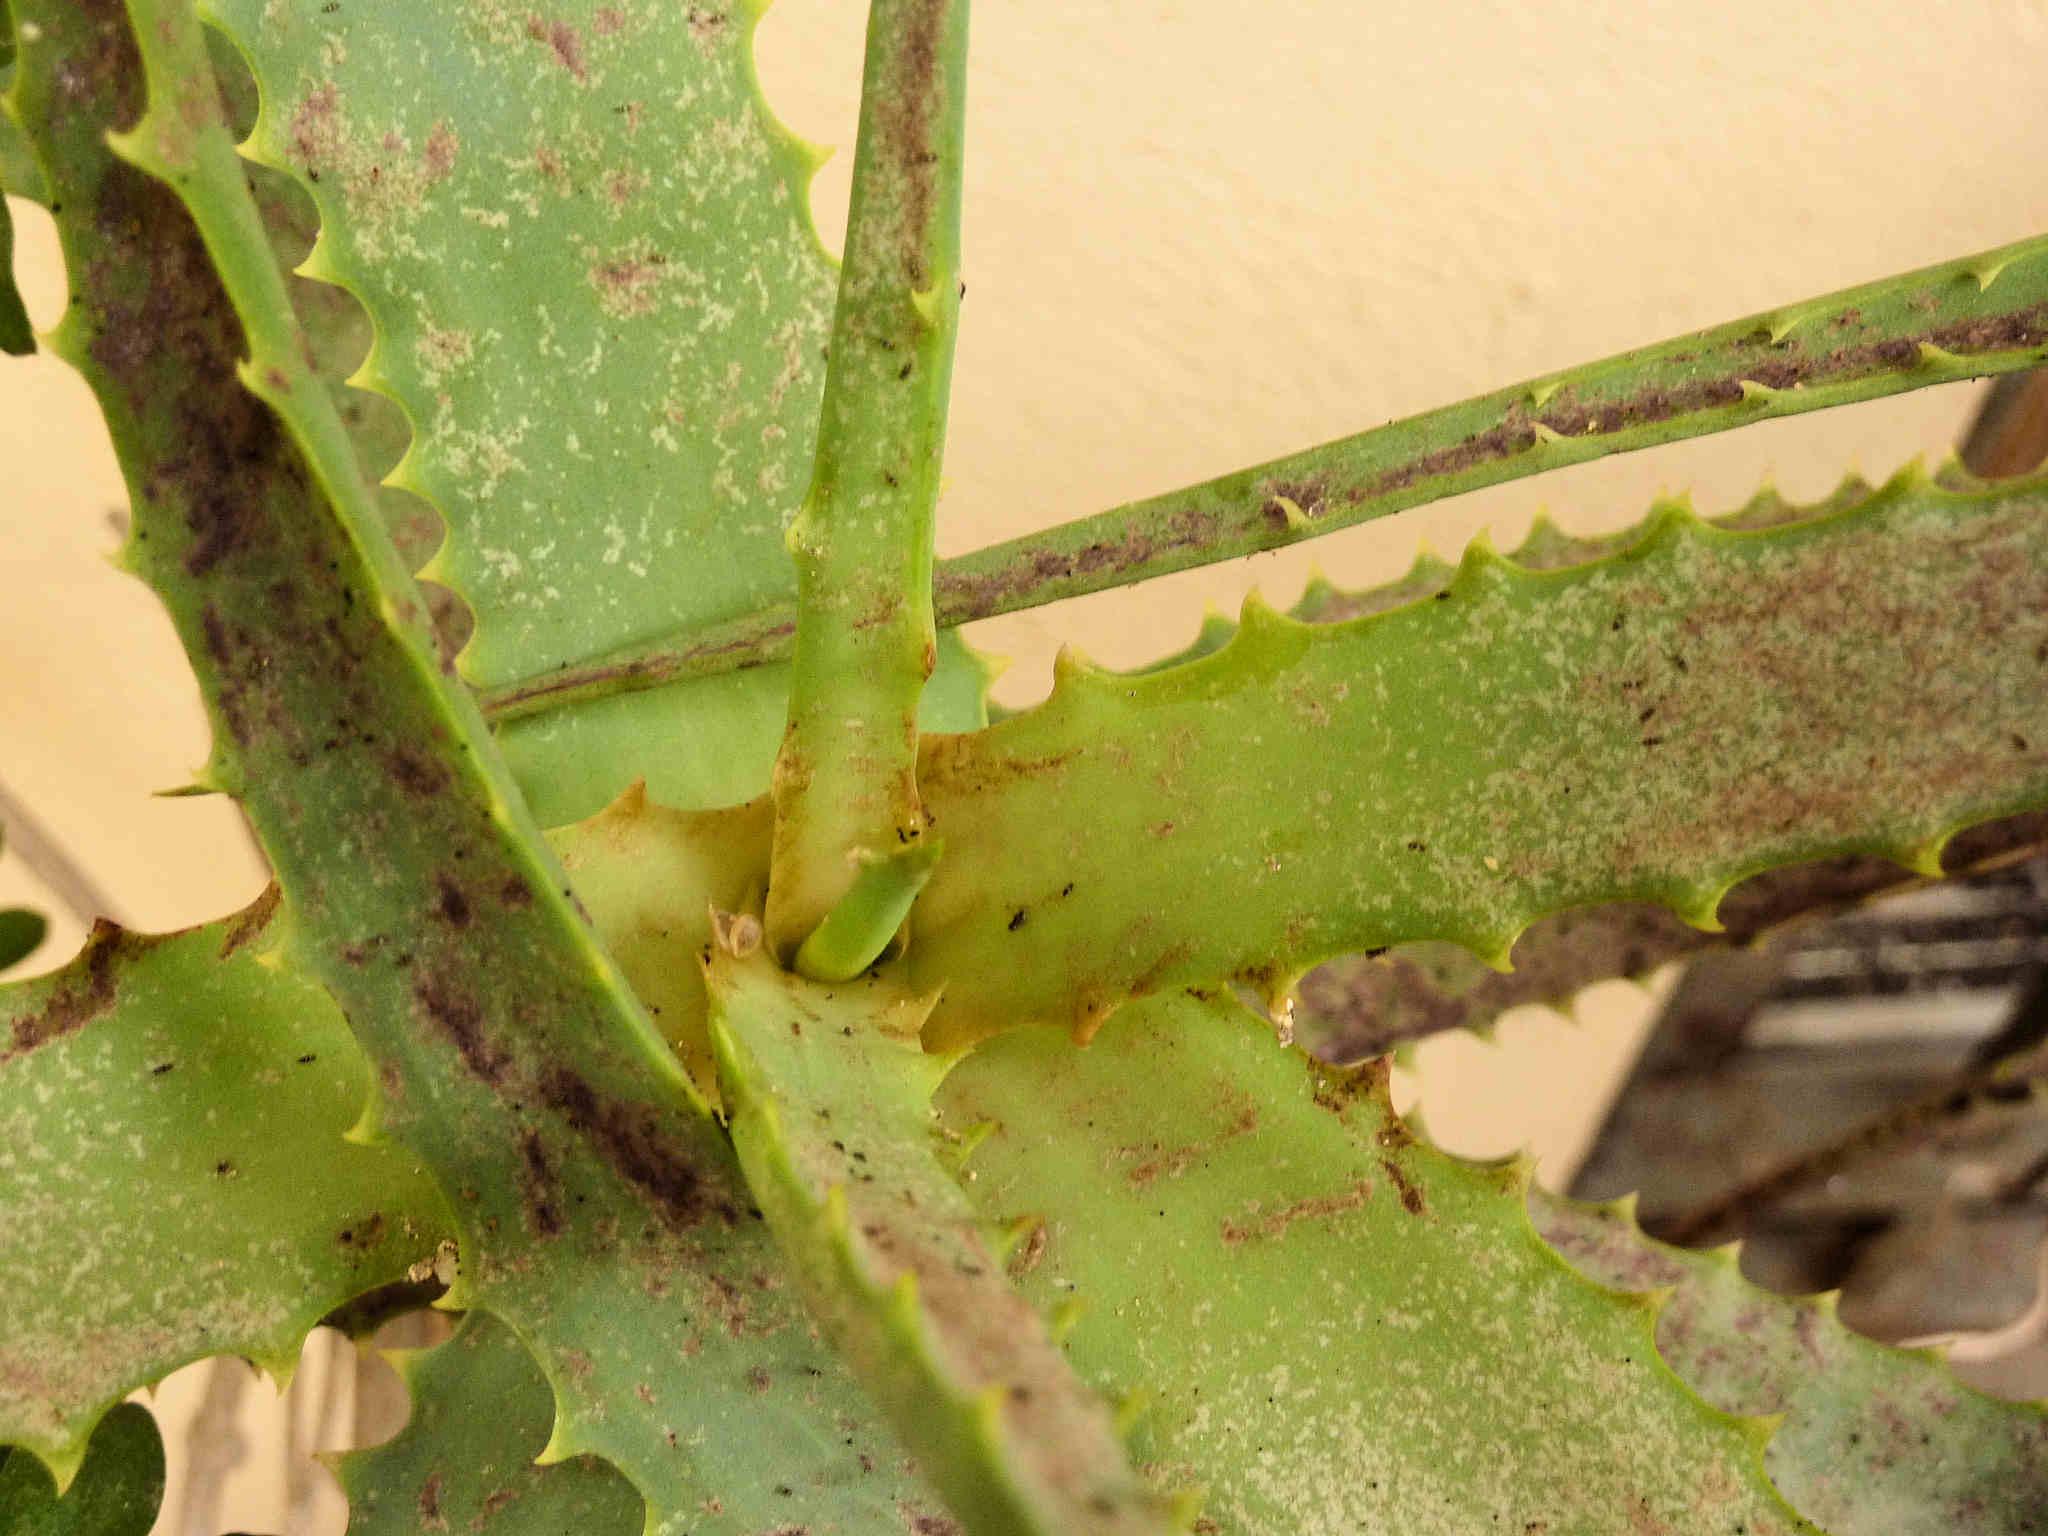 Plaga insectos Aloe vera (hojas secas y de color rojizo-violáceo ...